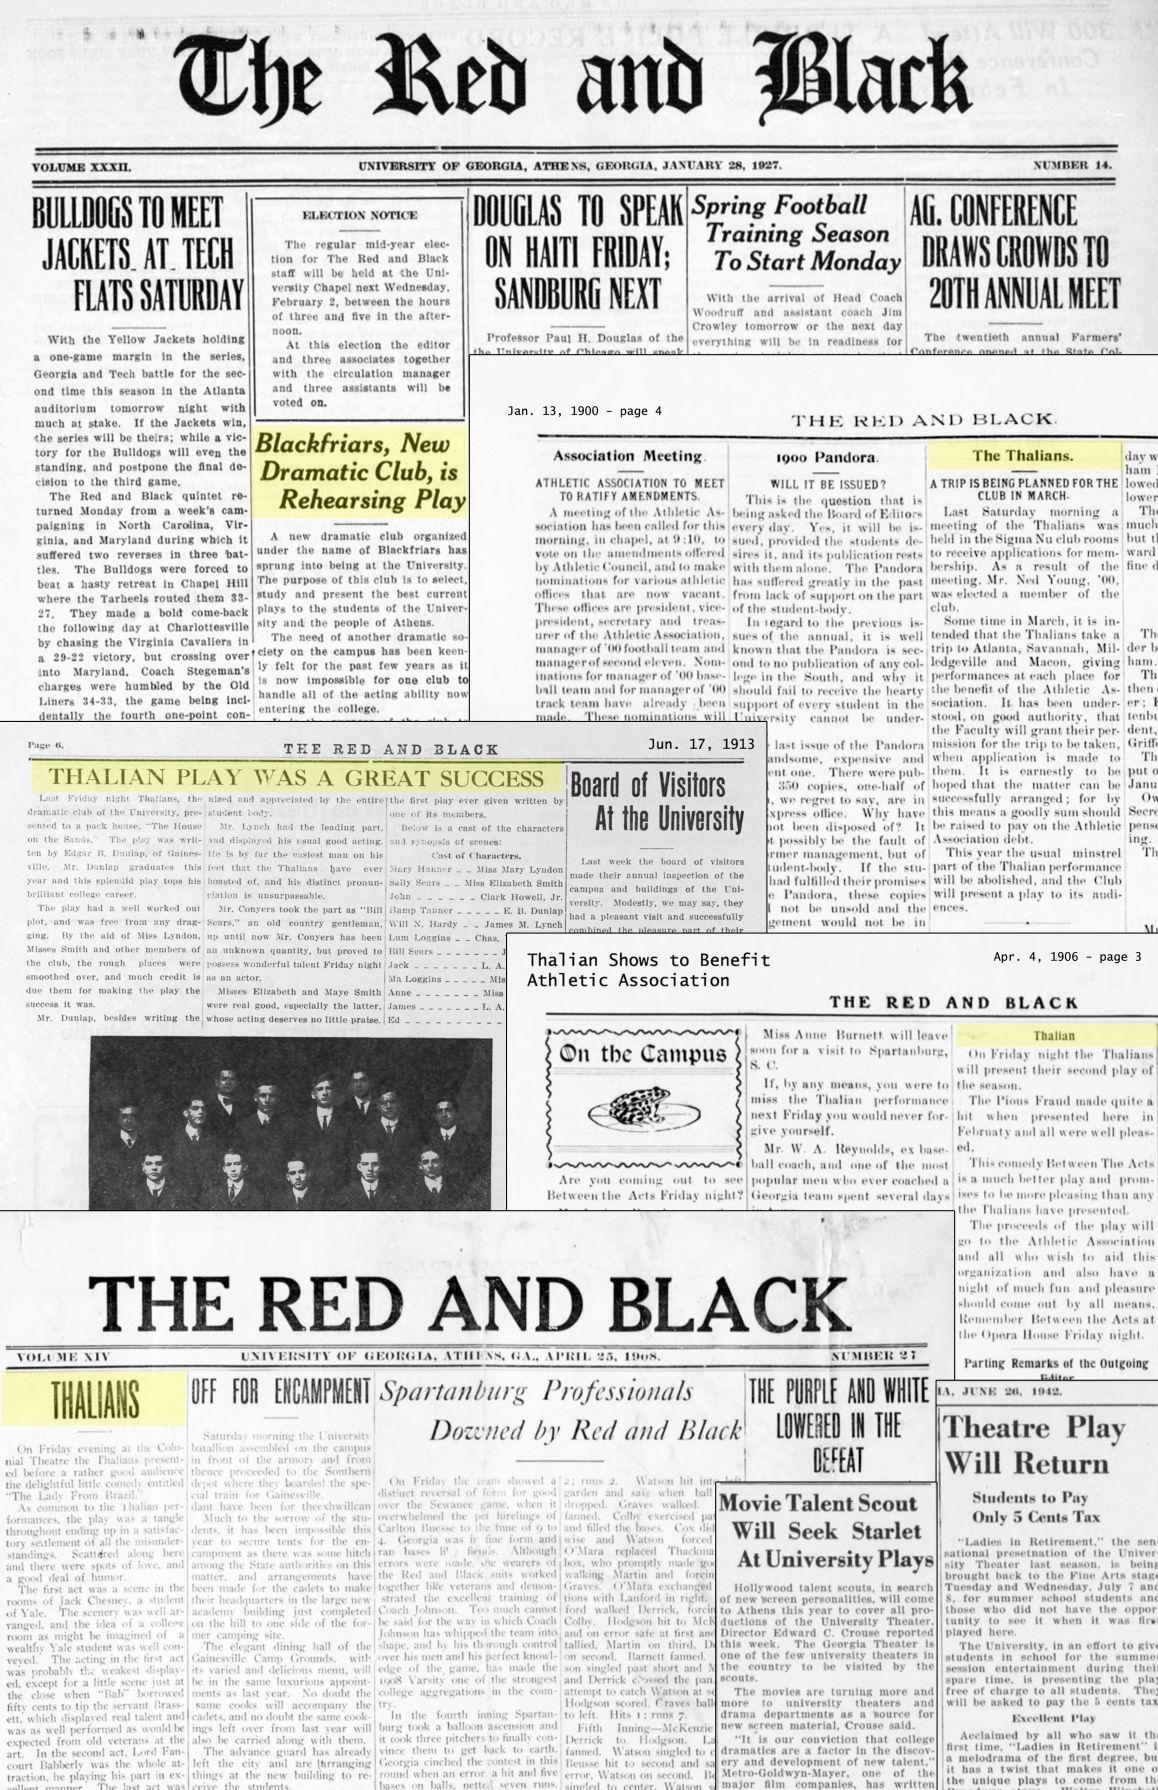 Jan 29, 1927